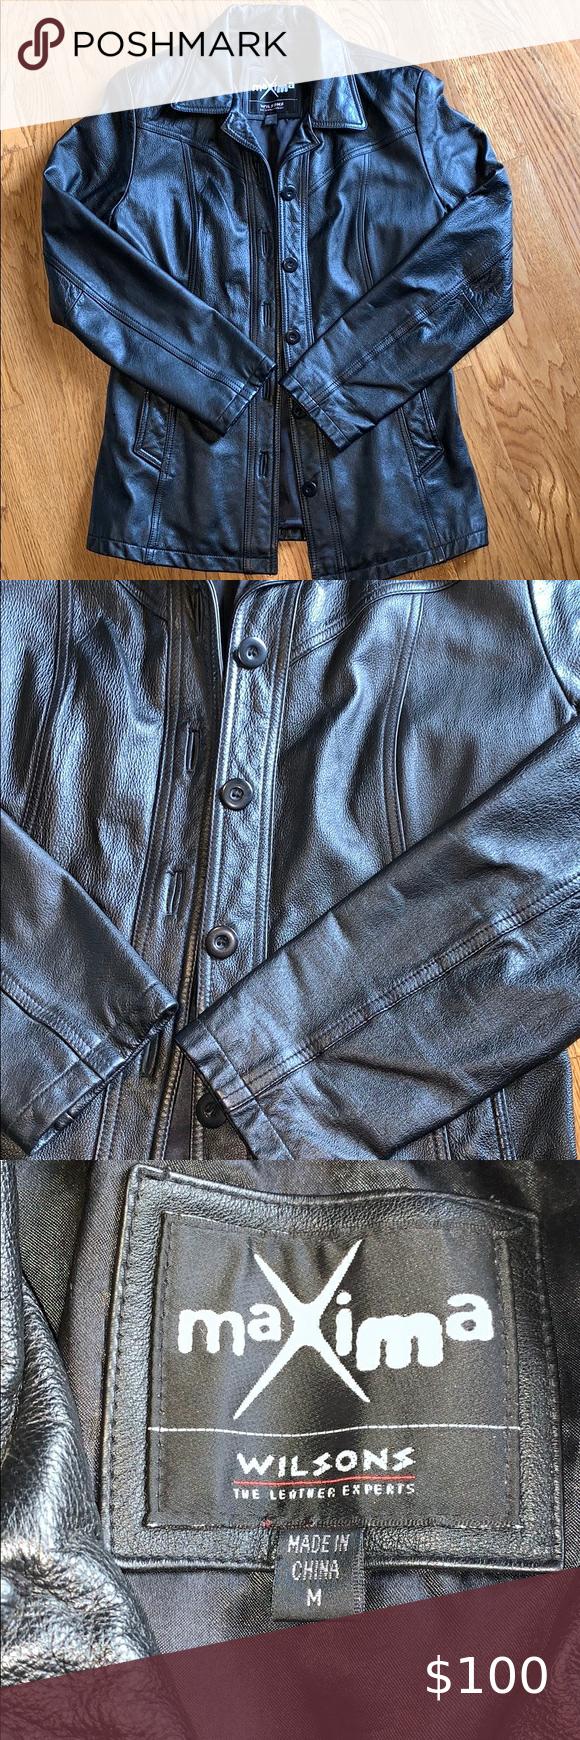 Ladies Black Leather Jacket Medium in 2020 Womens